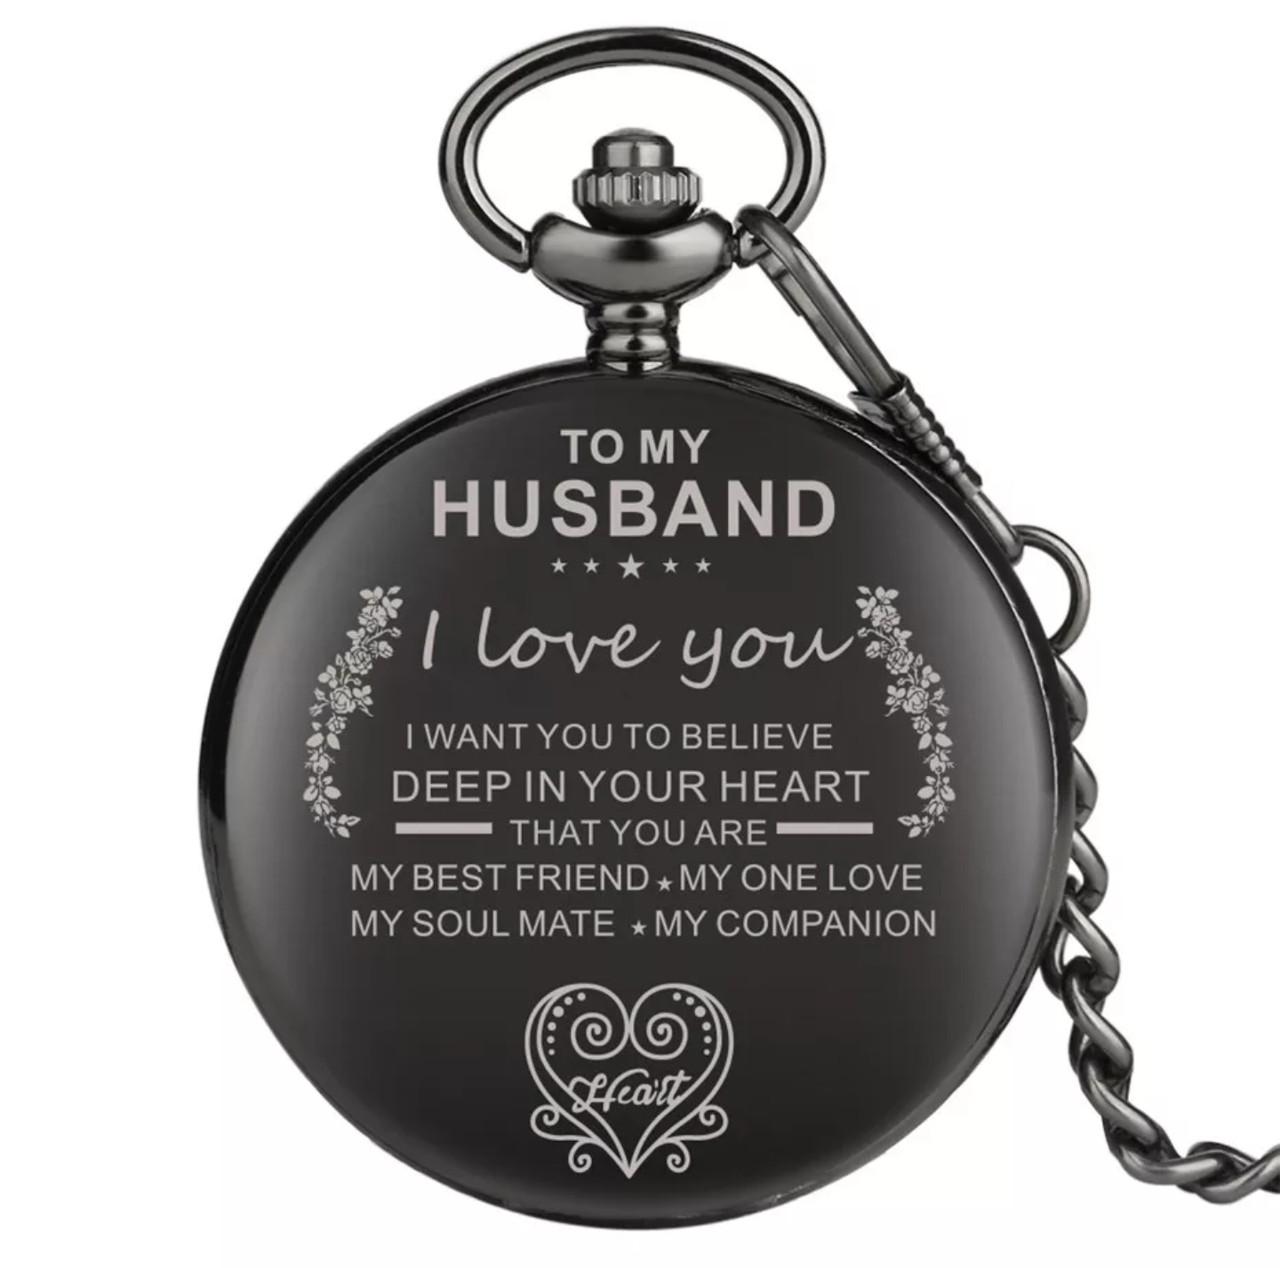 Карманные мужские часы на цепочке любимому мужу